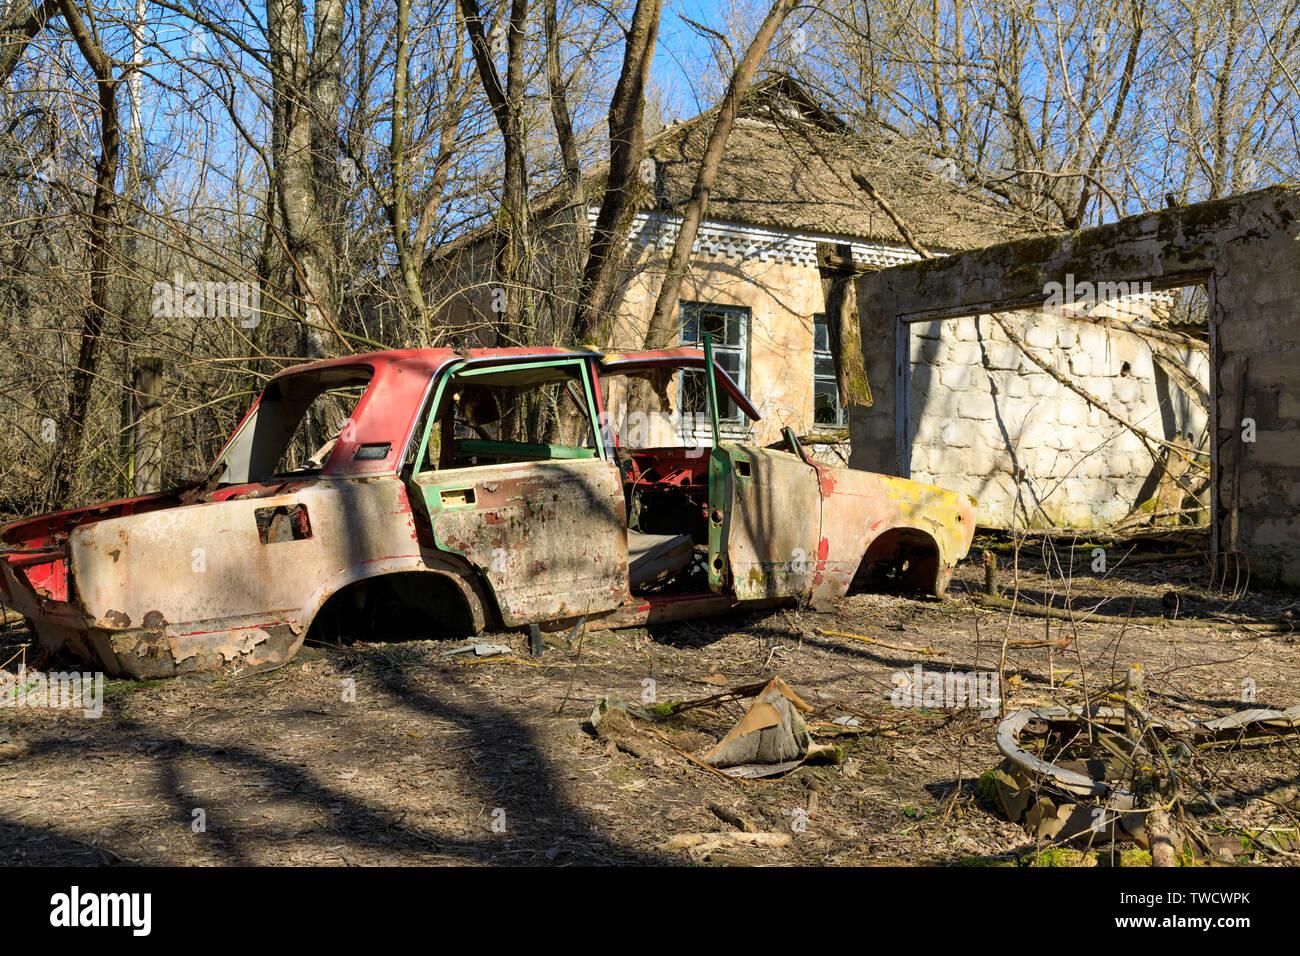 Eastern Europe, Ukraine, Pripyat, Chernobyl. Ruined car. Abandoned house and car. - Stock Image